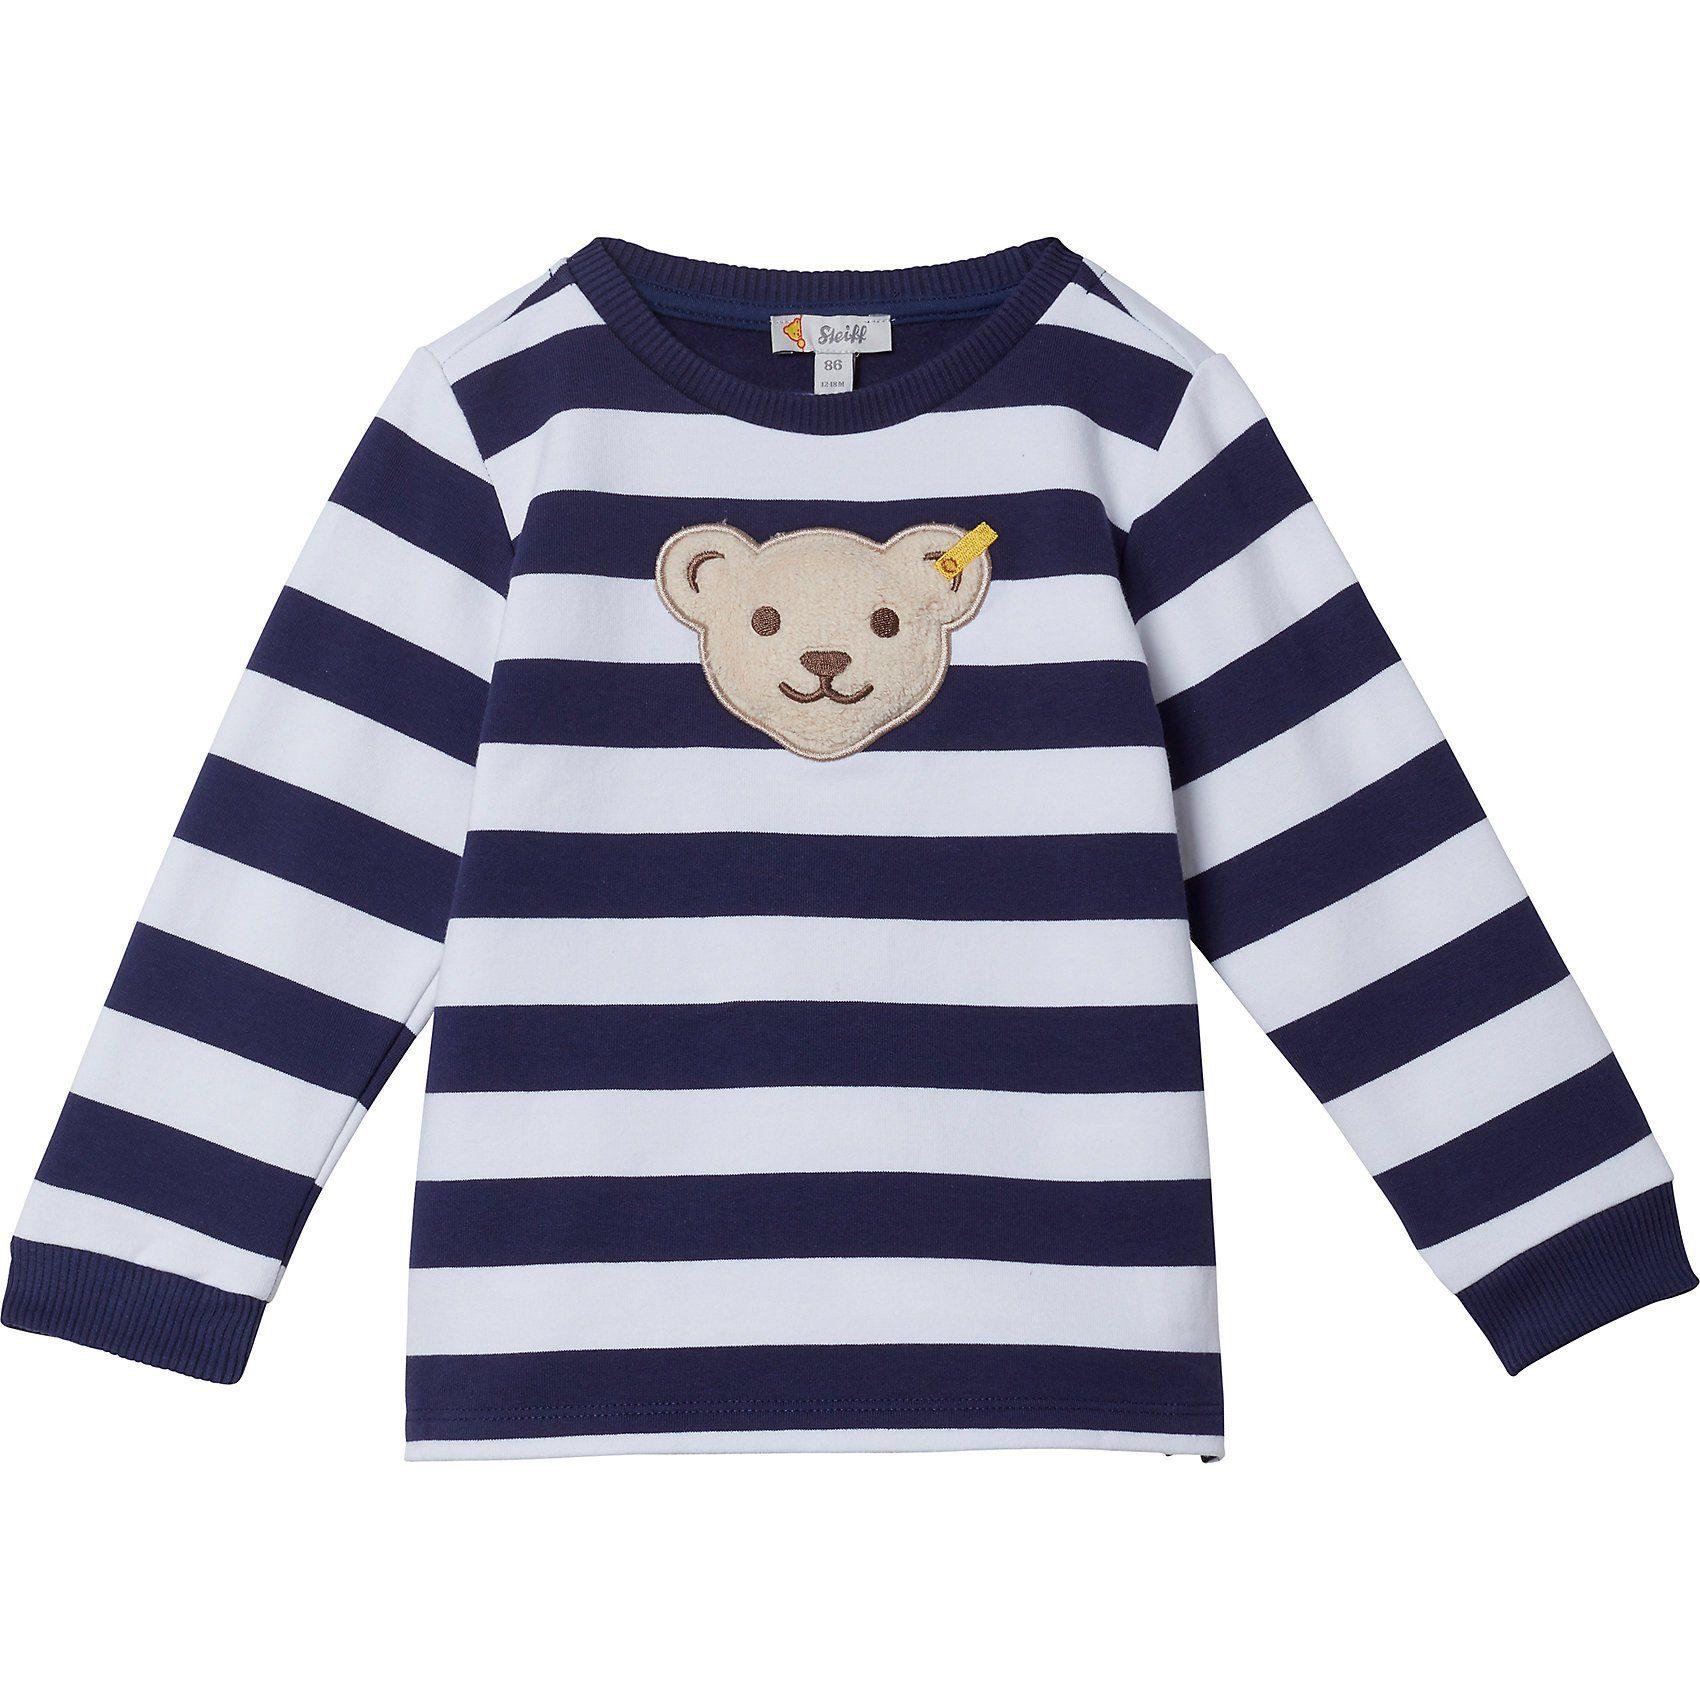 Steiff Sweatshirt mit Quietsch für Jungen kaufen | OTTO